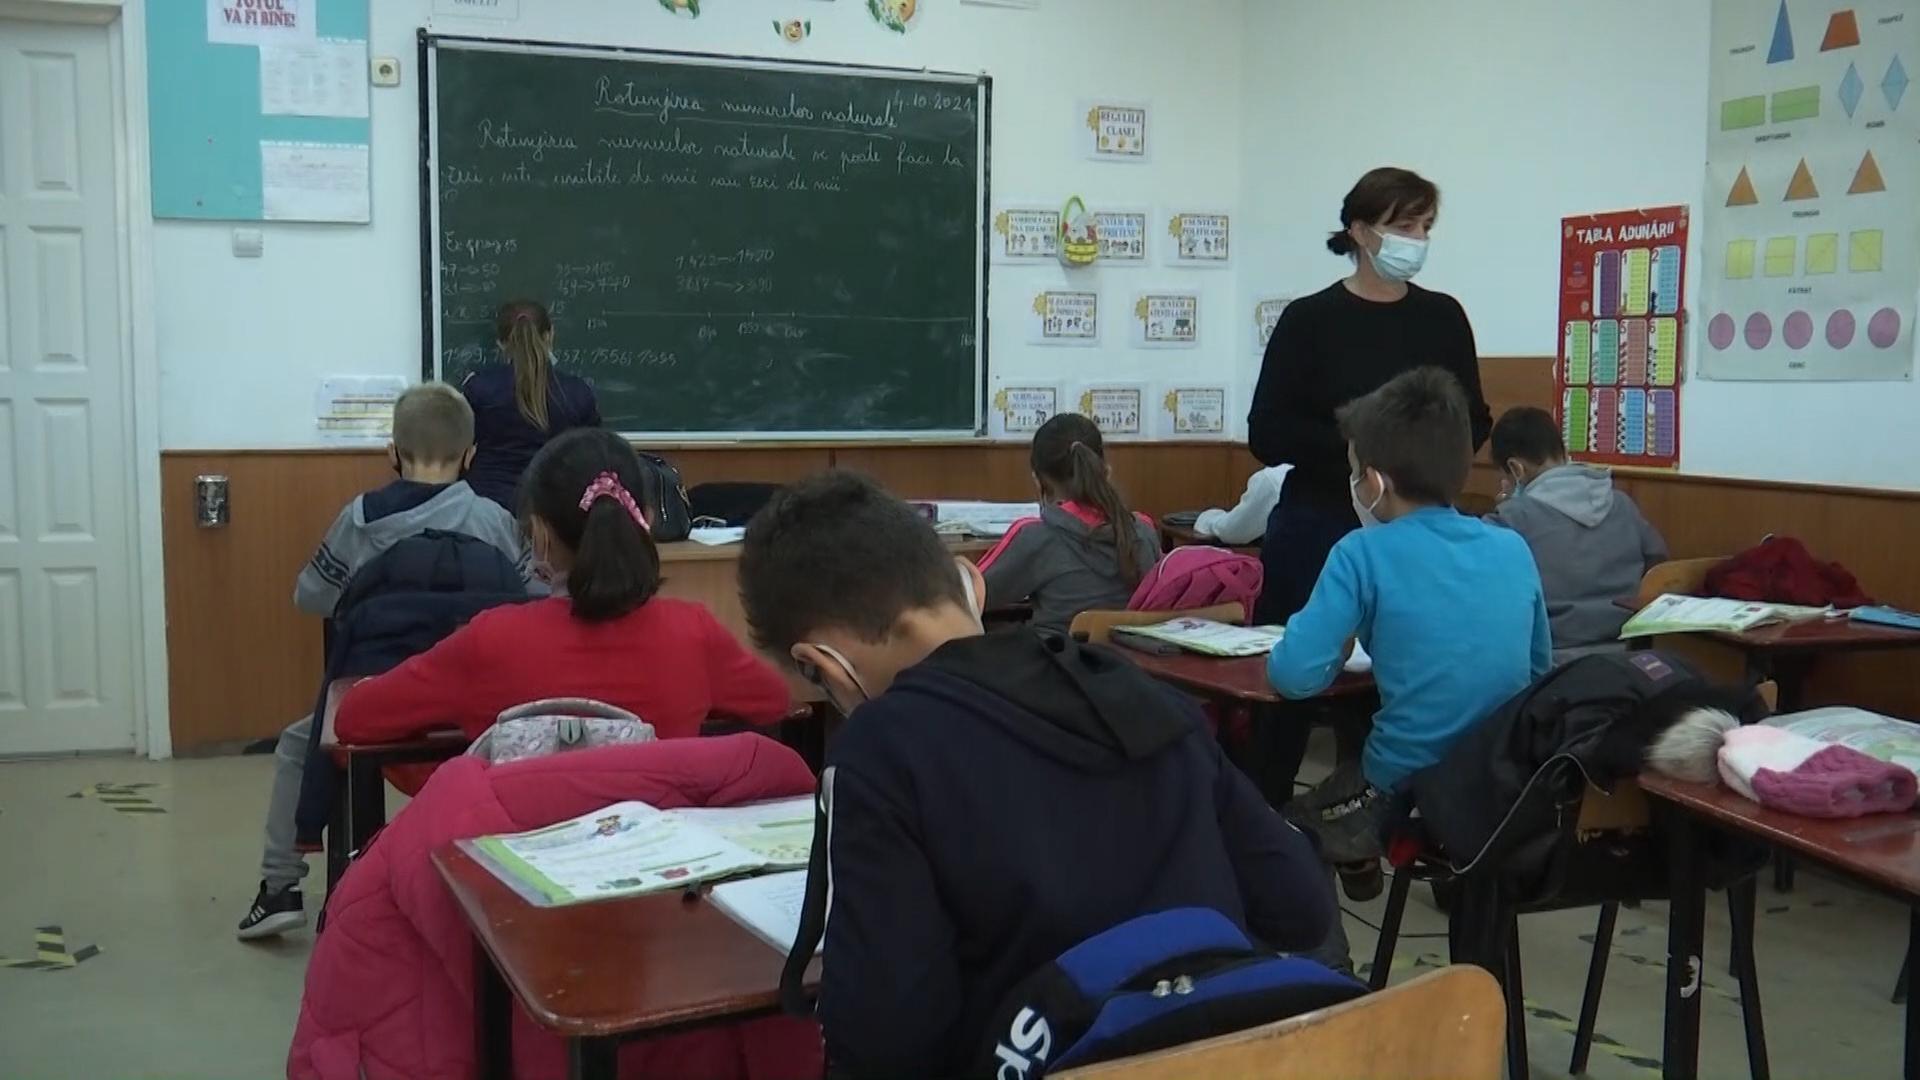 Sute de copii se înghesuie în cinci săli de clasă, cu zero distanţare, într-o şcoală din Botoşani. În satul vecin, o şcoală modulară are lacătul pus, în lipsa elevilor